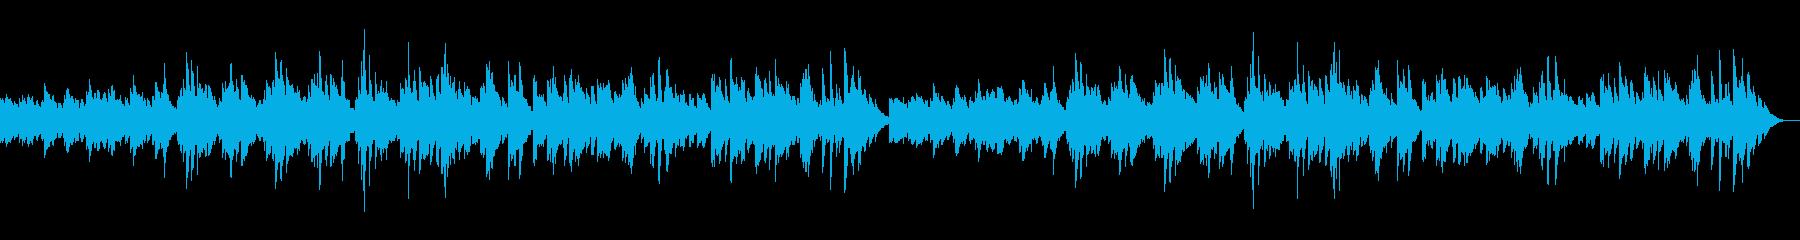 透明で幻想的なピアノのリラクゼーション曲の再生済みの波形